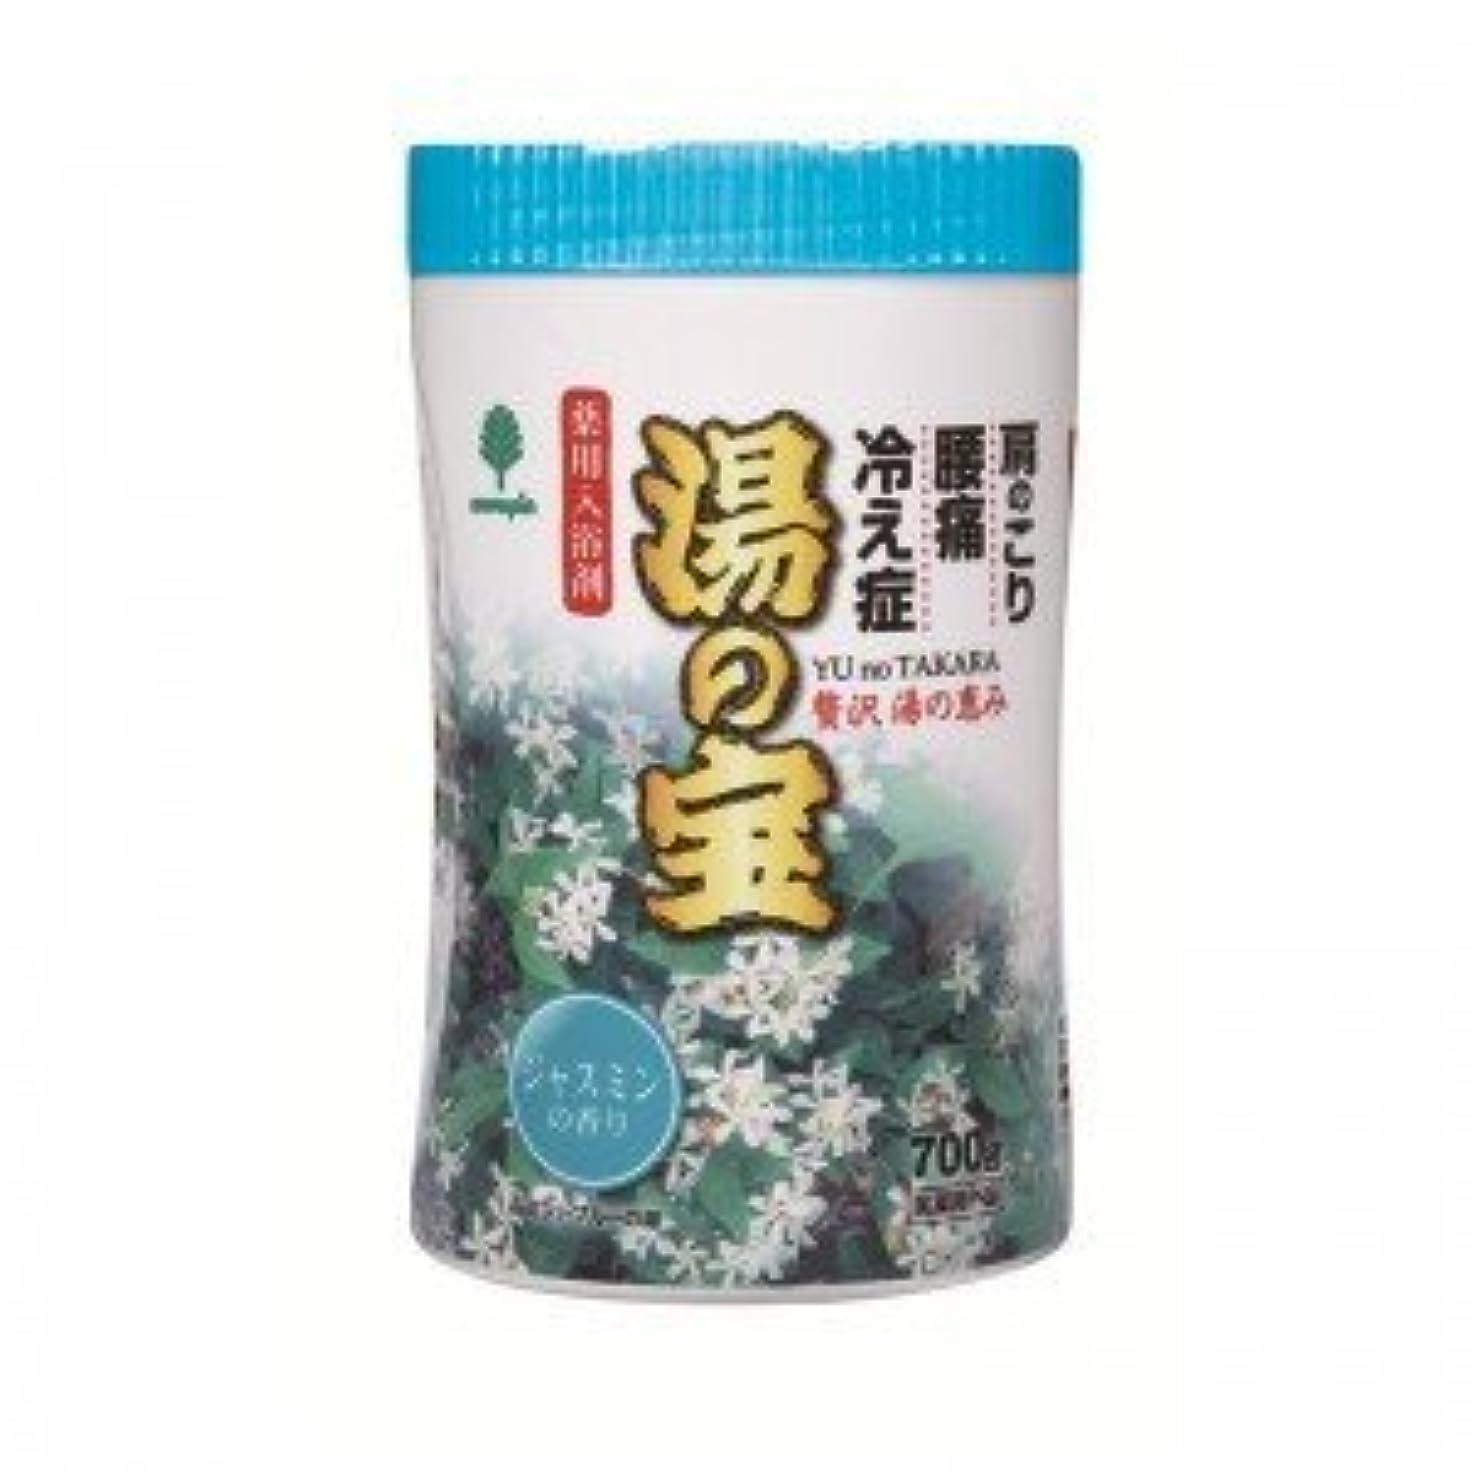 支払い応じる有料紀陽除虫菊 湯の宝 ジャスミンの香り (丸ボトル) 700g【まとめ買い15個セット】 N-0067